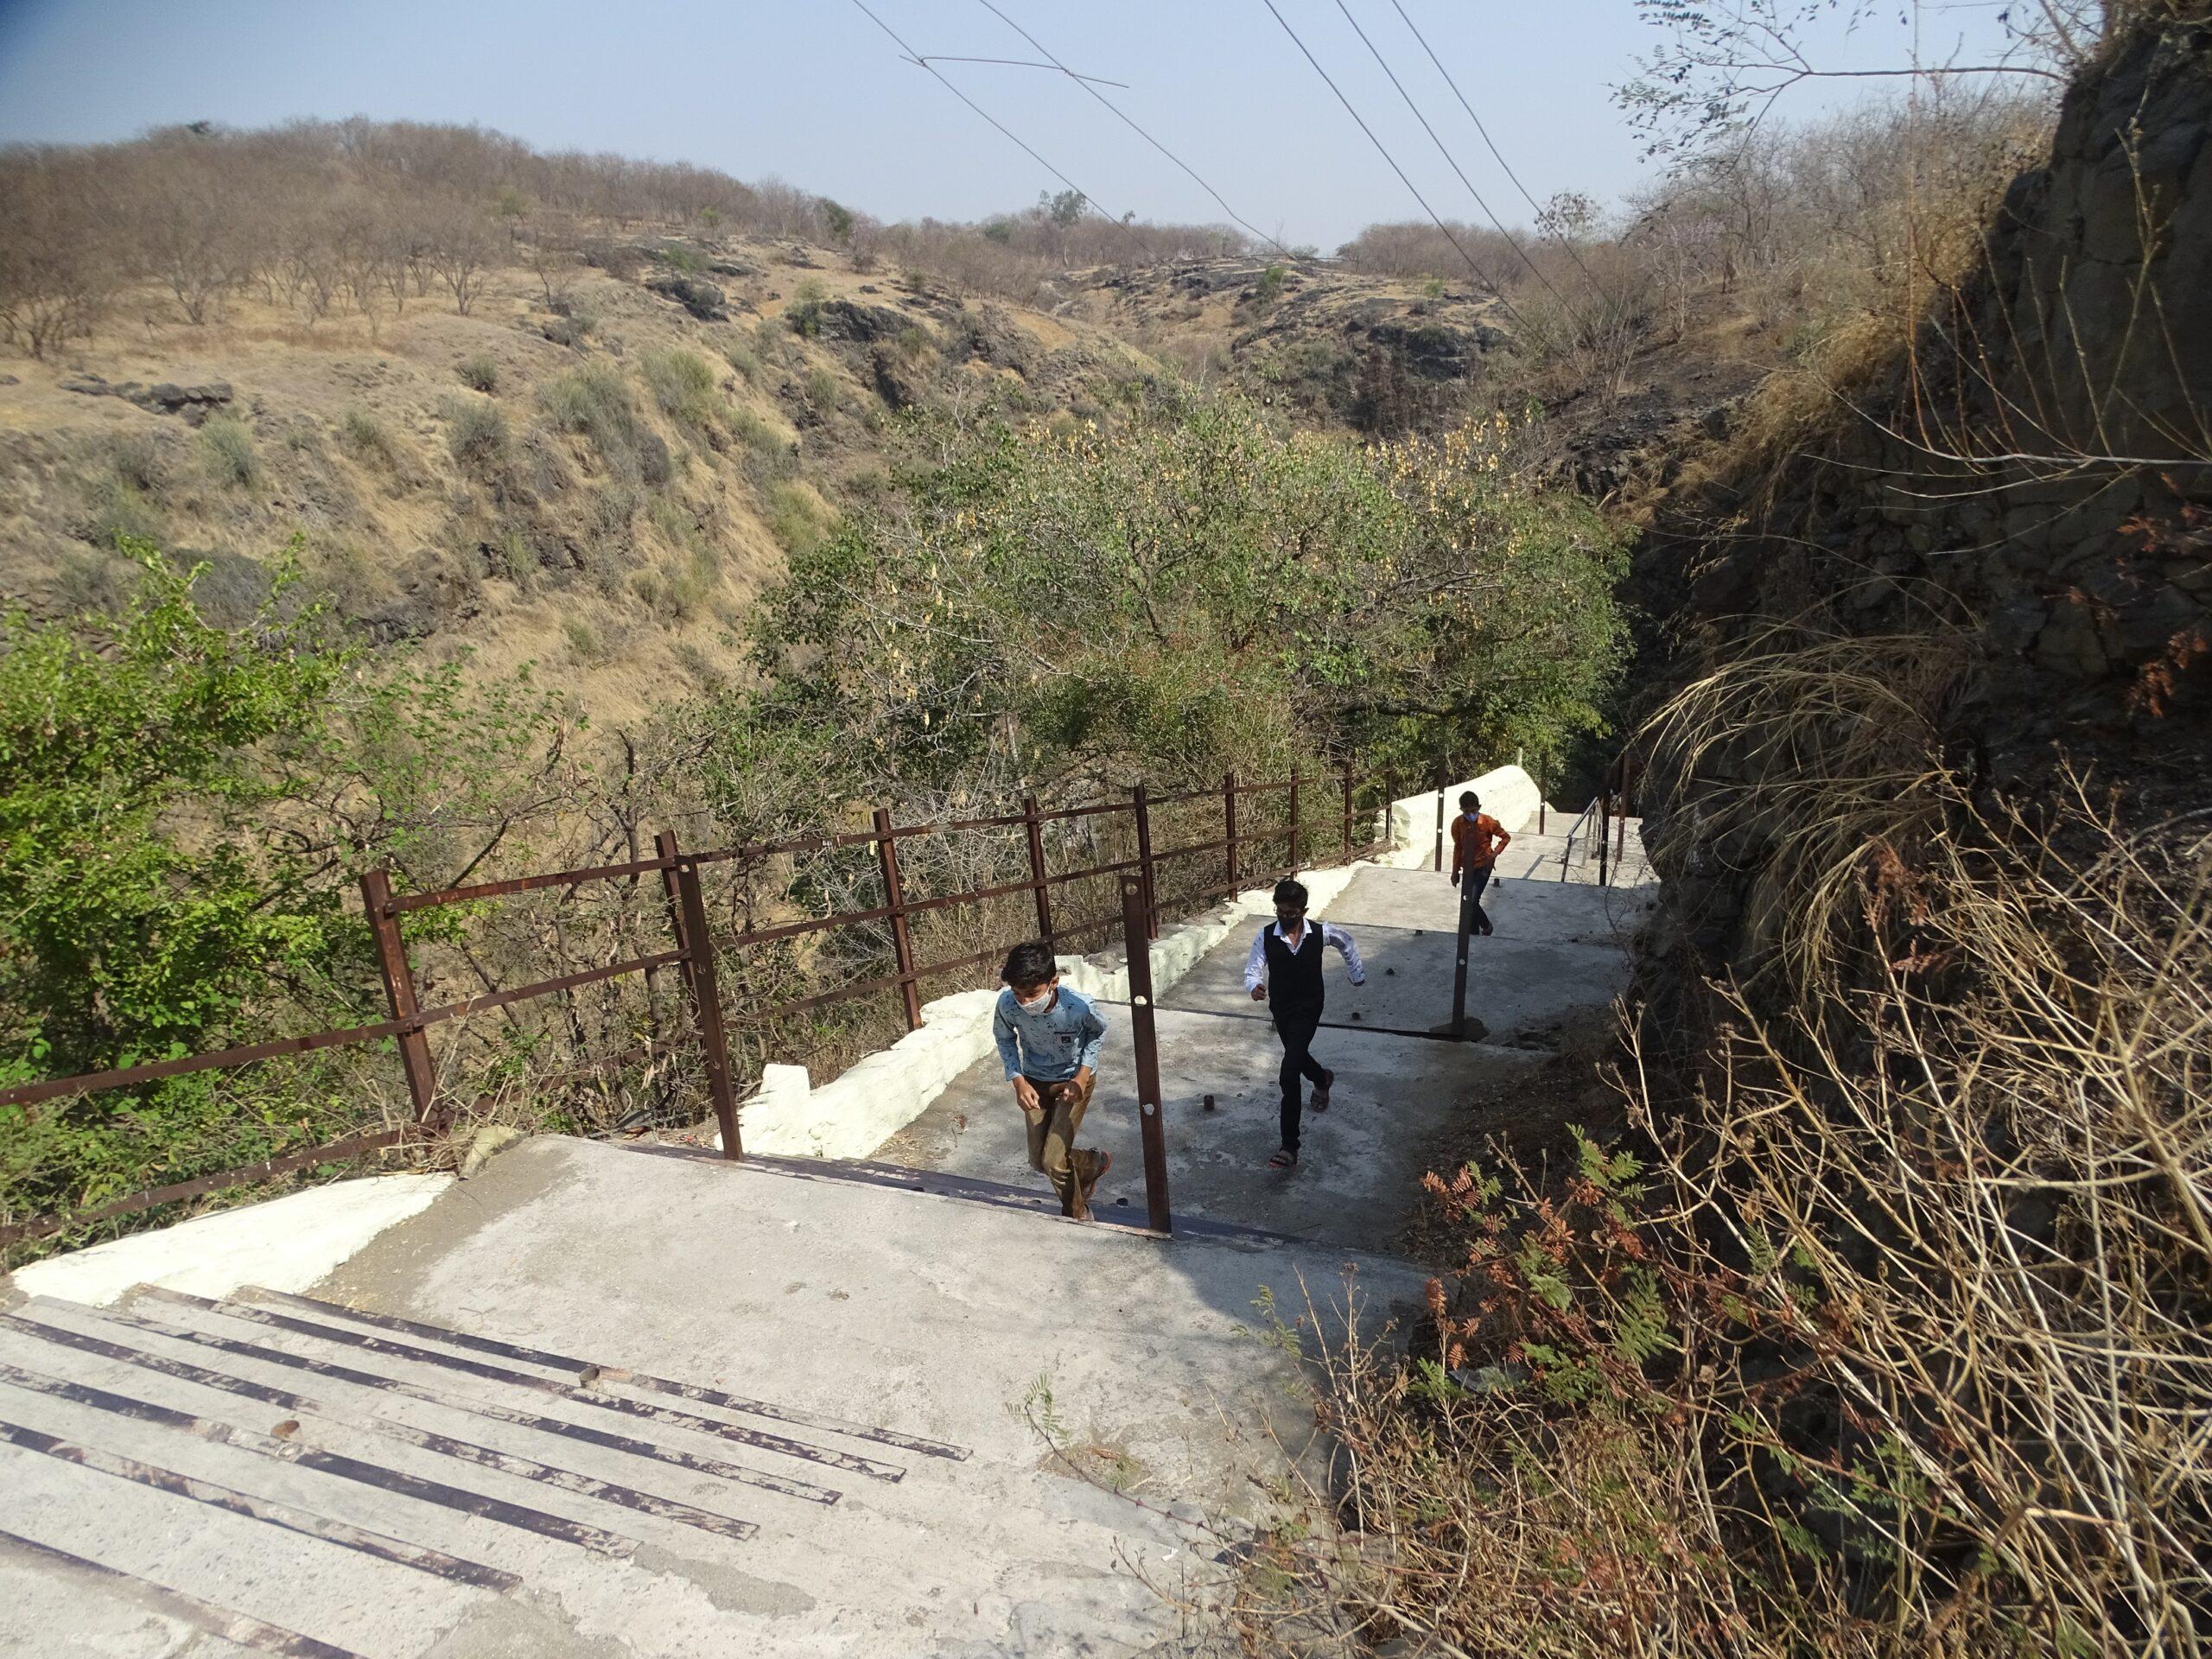 Stairs leading to Adyakavi Shri Mukundraj Swami Samadhi Sthal (Ambajogai, Maharashtra, India)